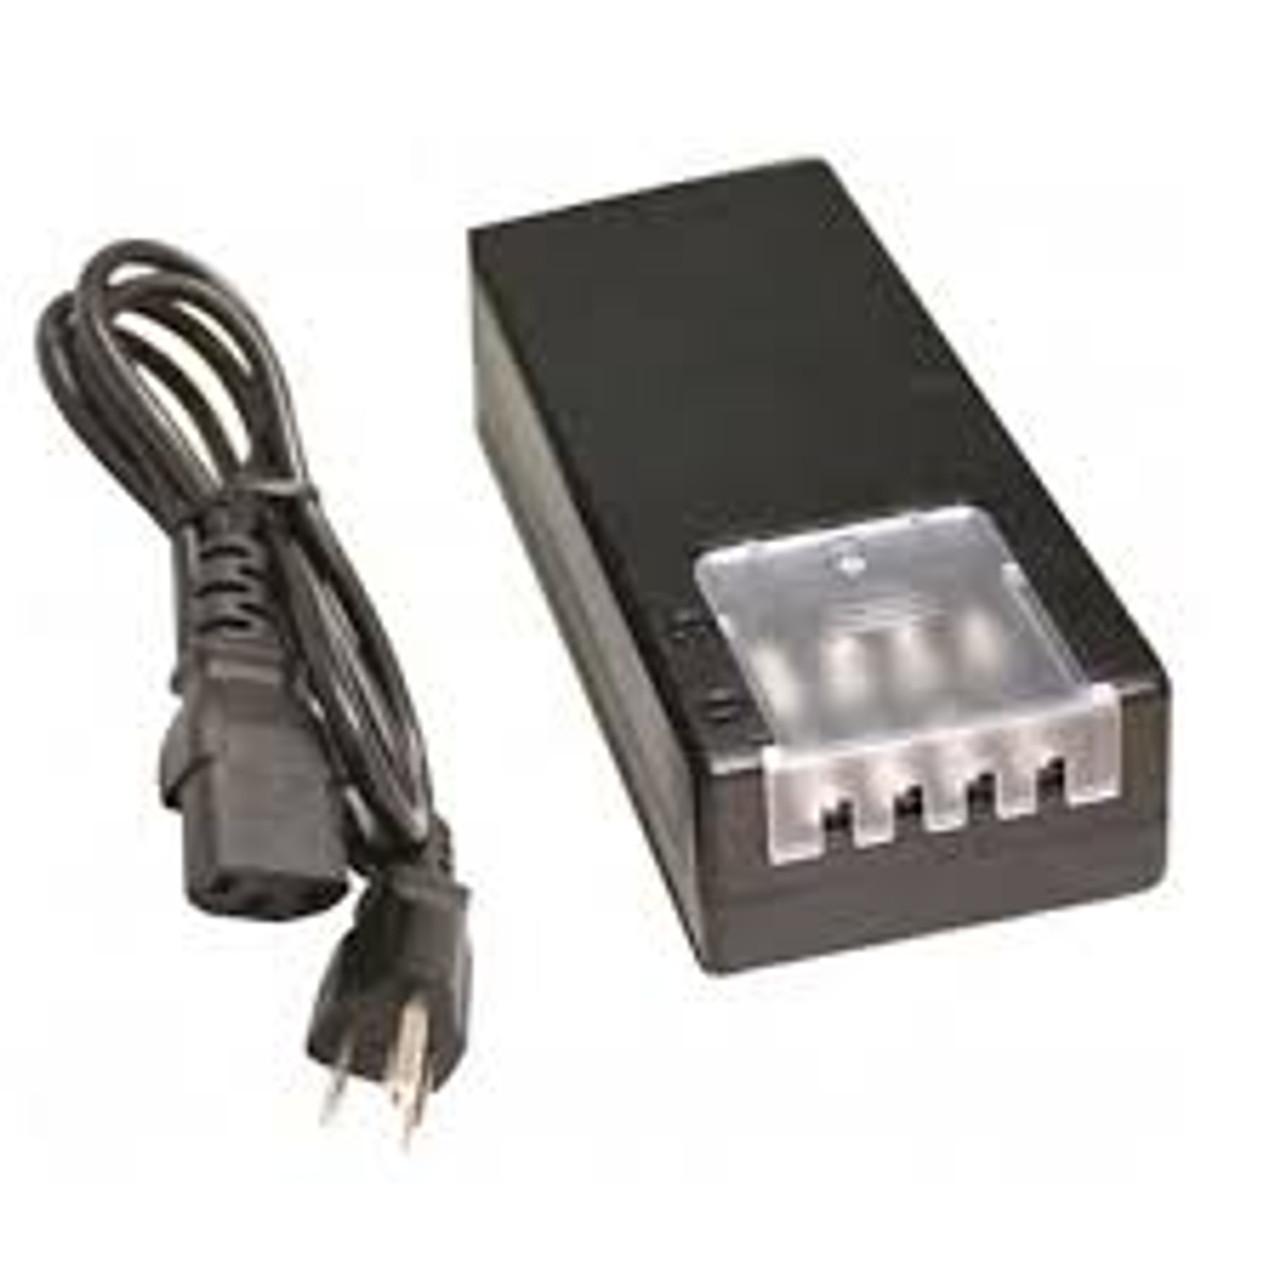 4CH 12V 5A Power Supply